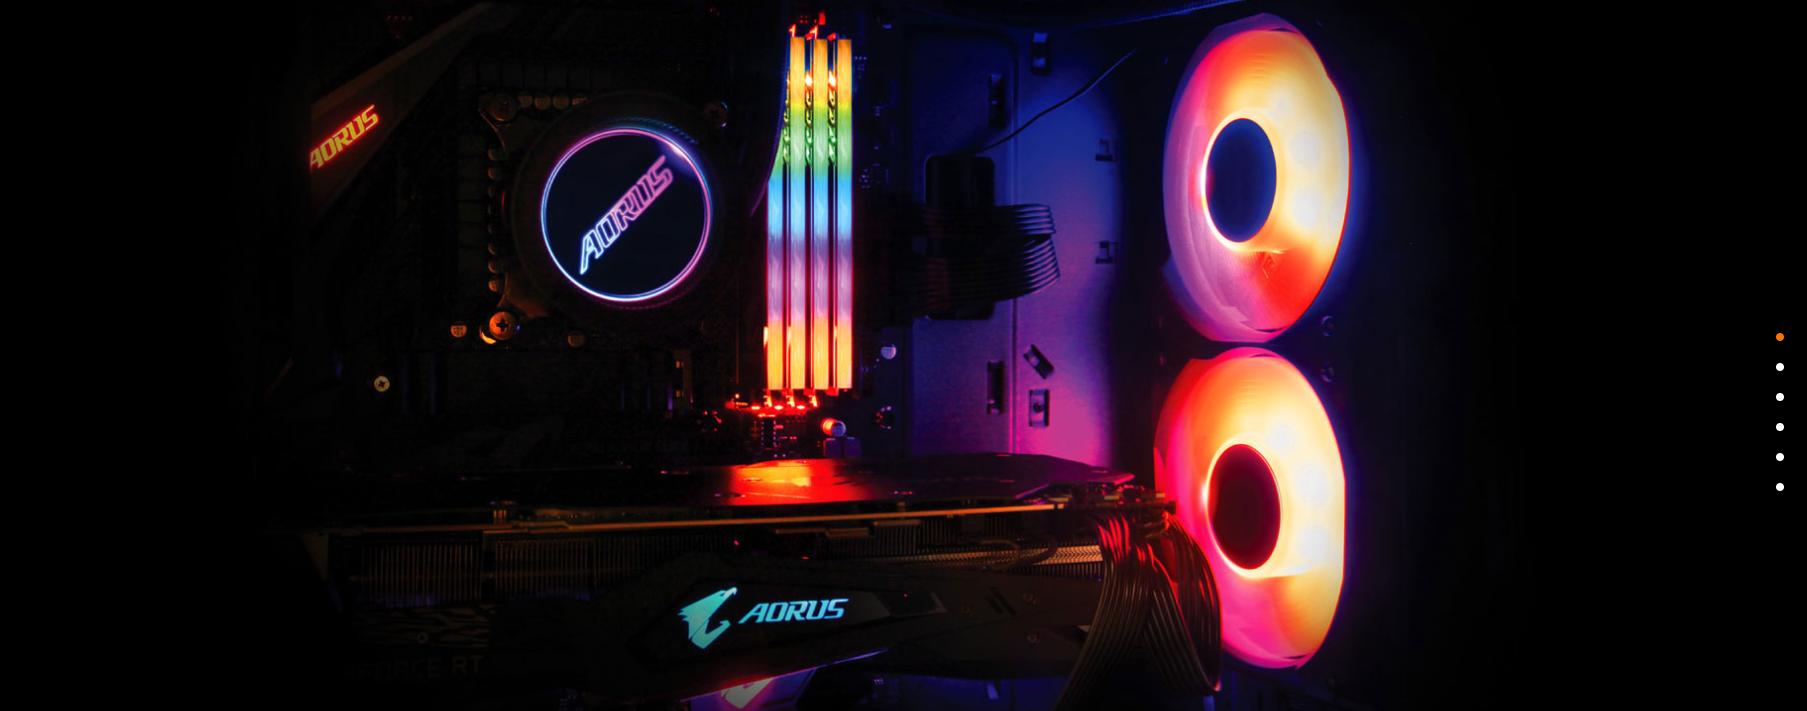 Tản nhiệt nước Gigabyte AORUS LIQUID COOLER 240  sử dụng phần mềm RGB Fusion 2.0 giúp người dùng có thể tuỳ chỉnh hiệu ứng đèn trên logo AORUS đặc trưng